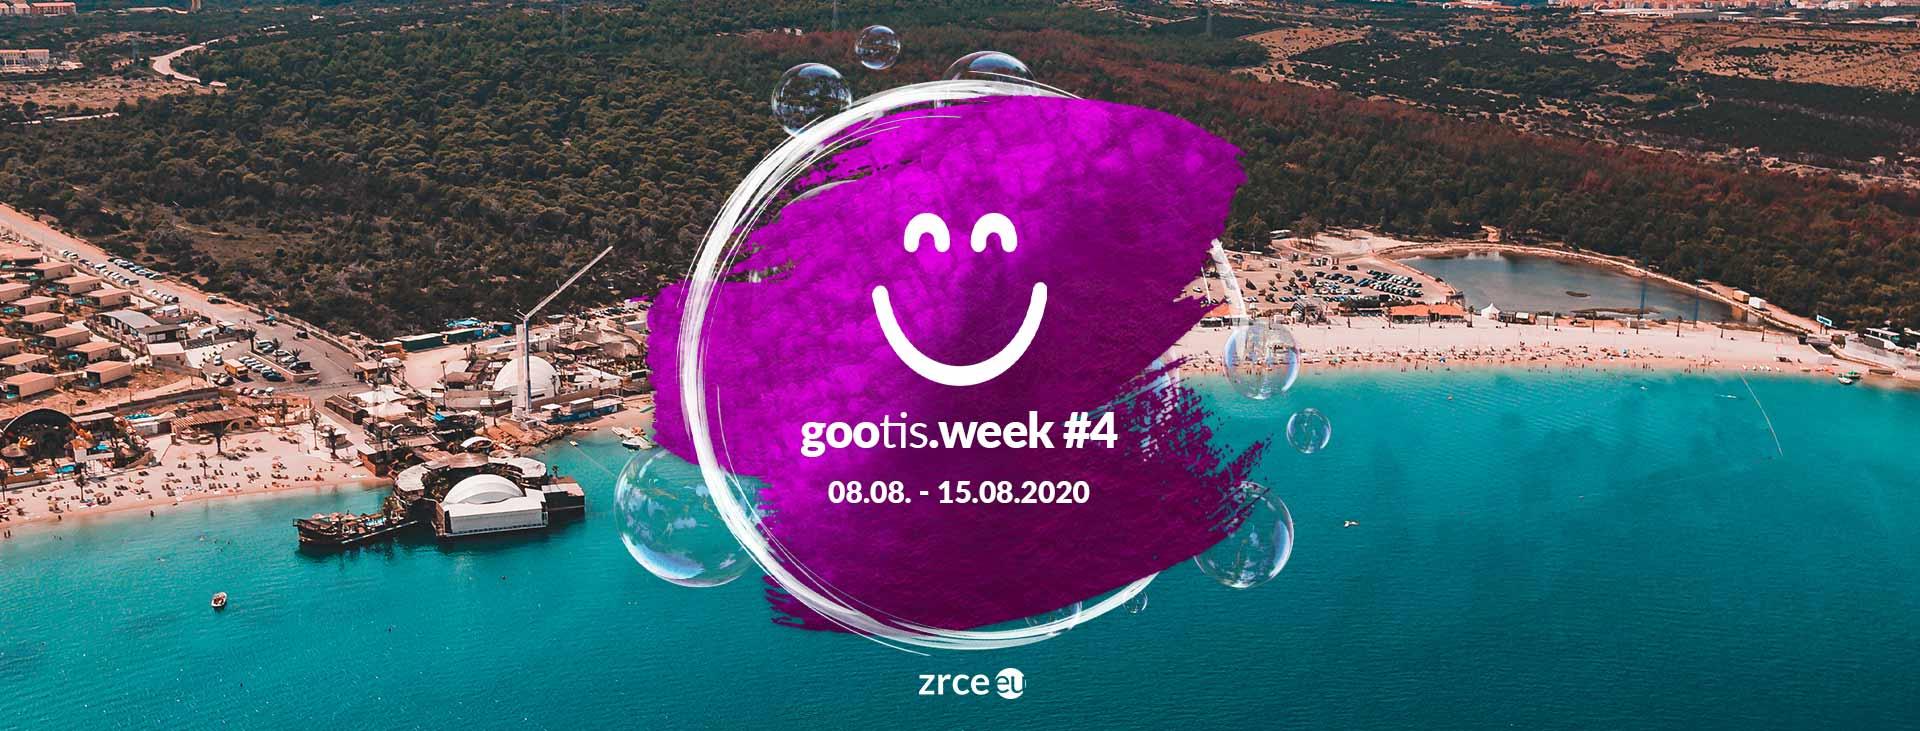 gootis.week #4